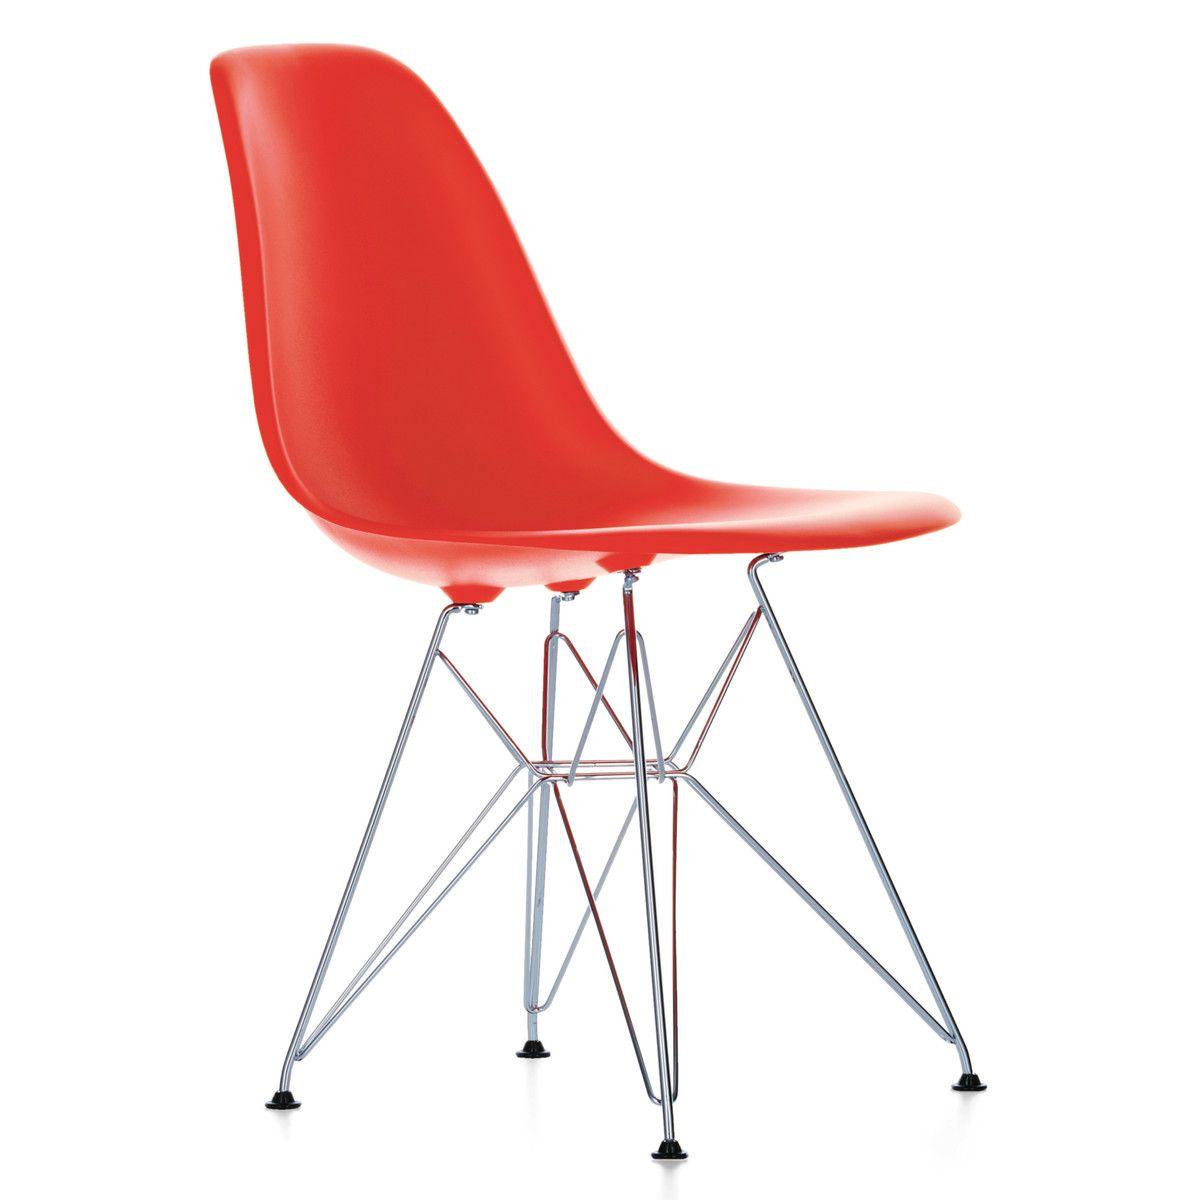 replica eames group standard aluminium chair cf. The Matt Blatt Replica Eames Group Aluminium Chair #CF-035 - Standard | Desks \u0026 Office Chairs Pinterest Cf